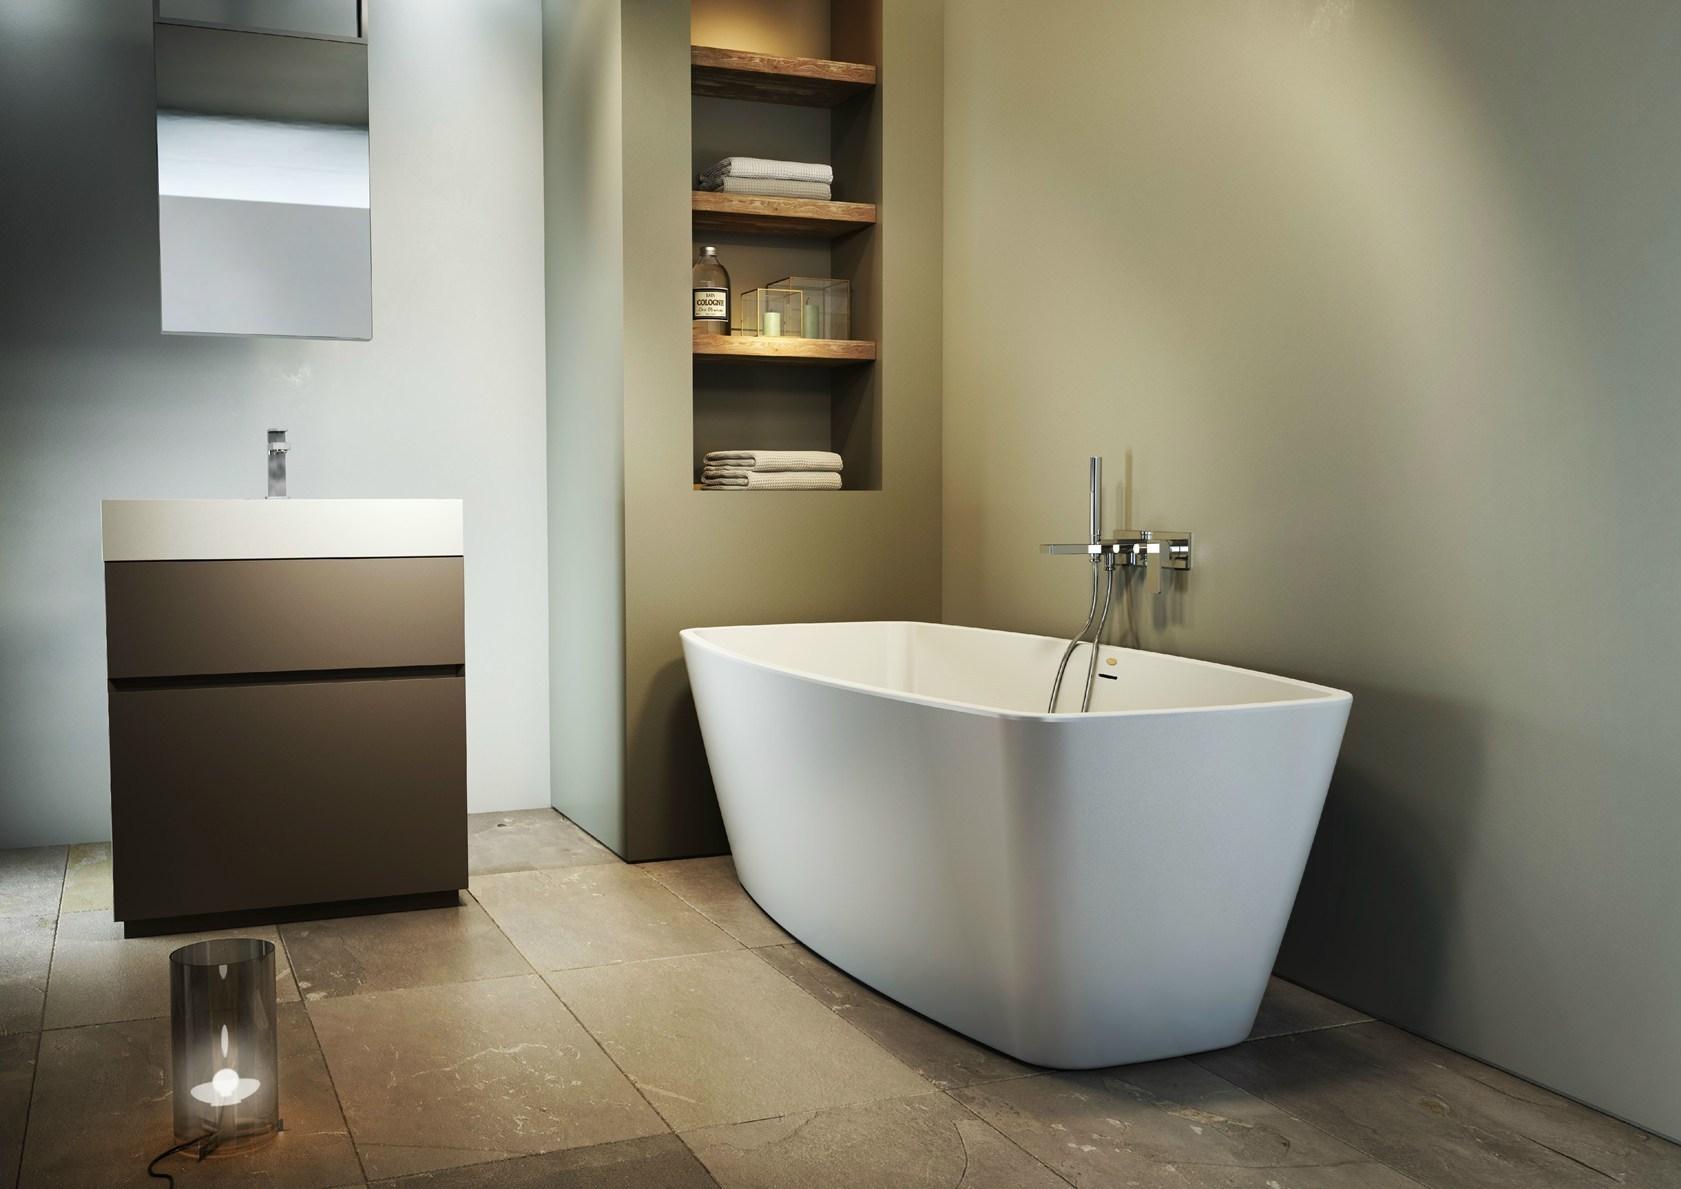 Le nuove vasche centro stanza jacuzzi - Vasche da bagno jacuzzi ...